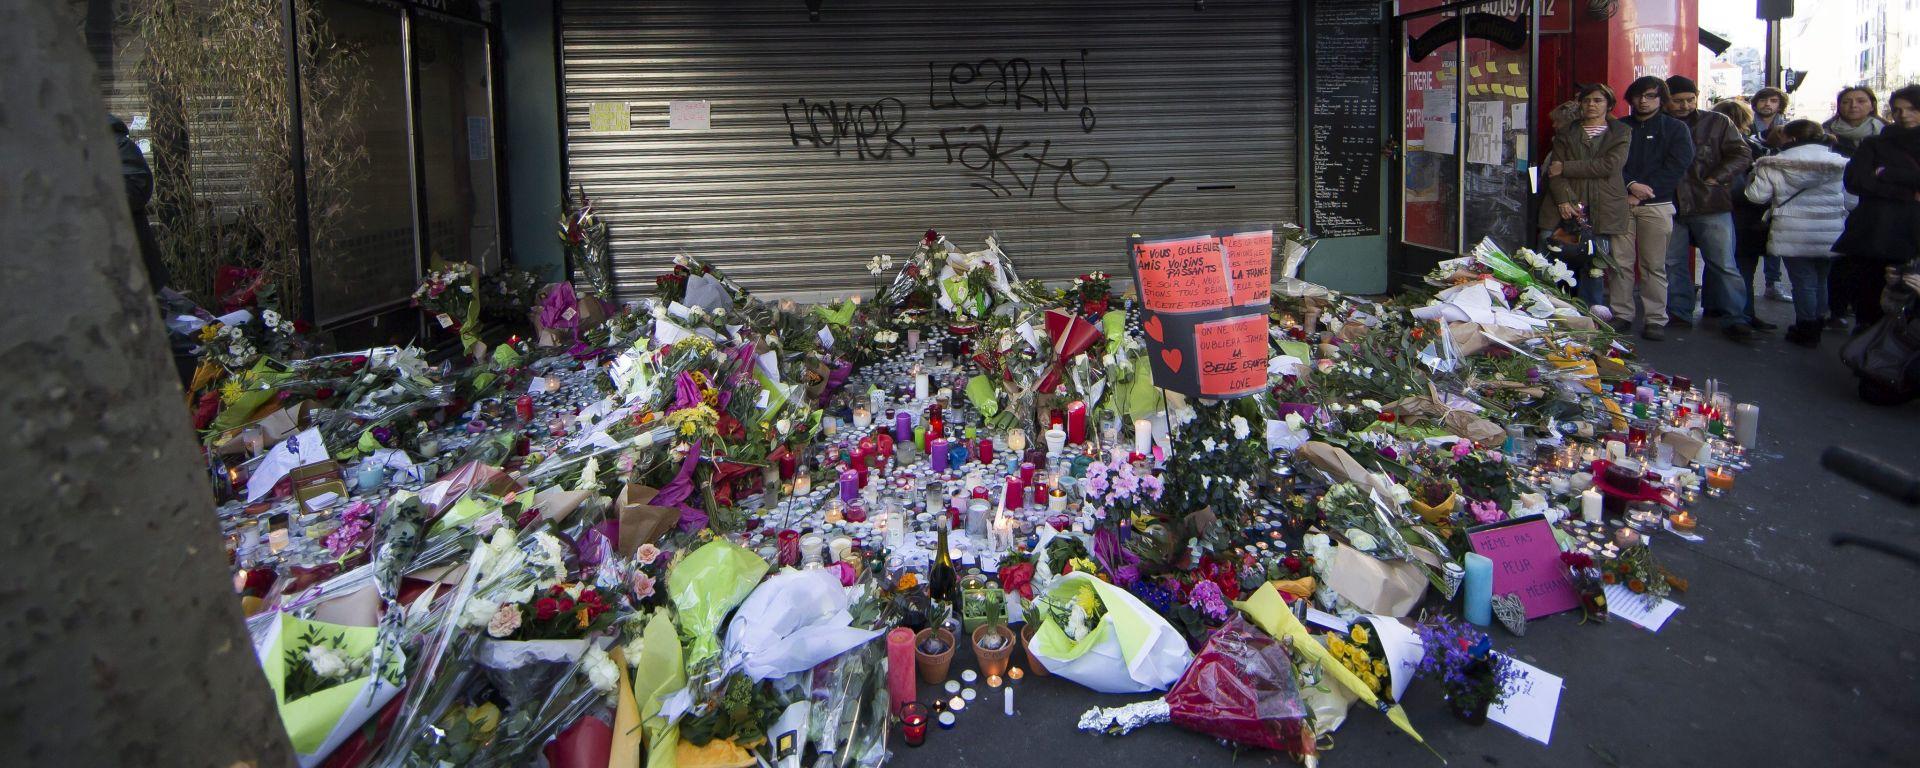 TERORISTIČKI NAPAD U PARIZU Identificirana 103 tijela, između 20 i 30 još nije identificirano